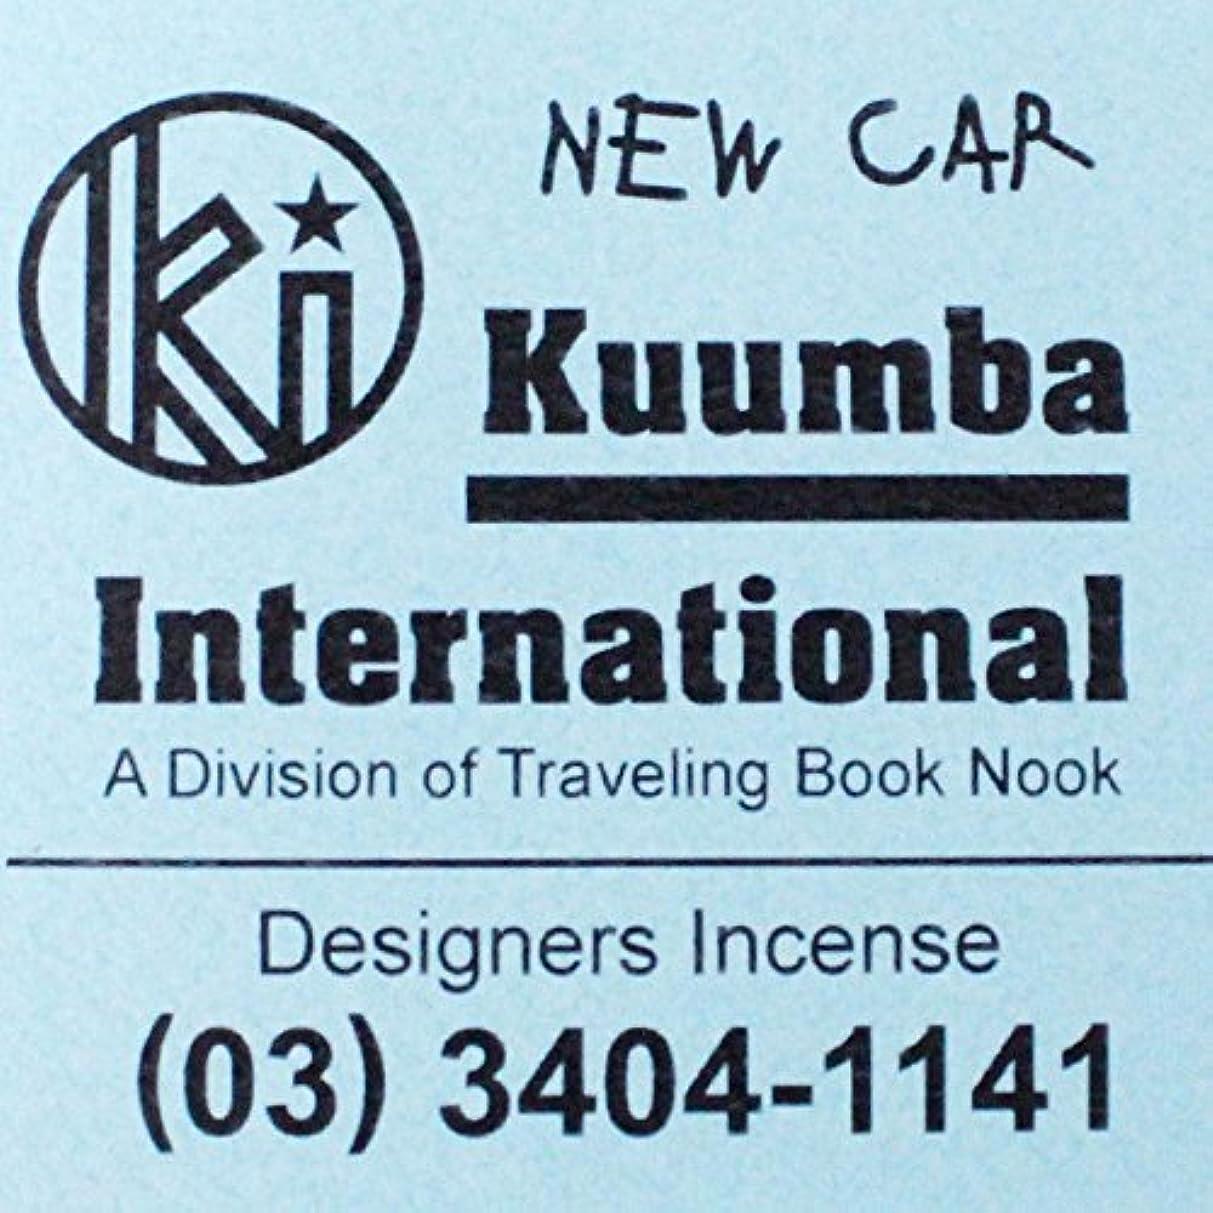 歩く暗唱する叫び声(クンバ) KUUMBA『incense』(NEW CAR) (Regular size)